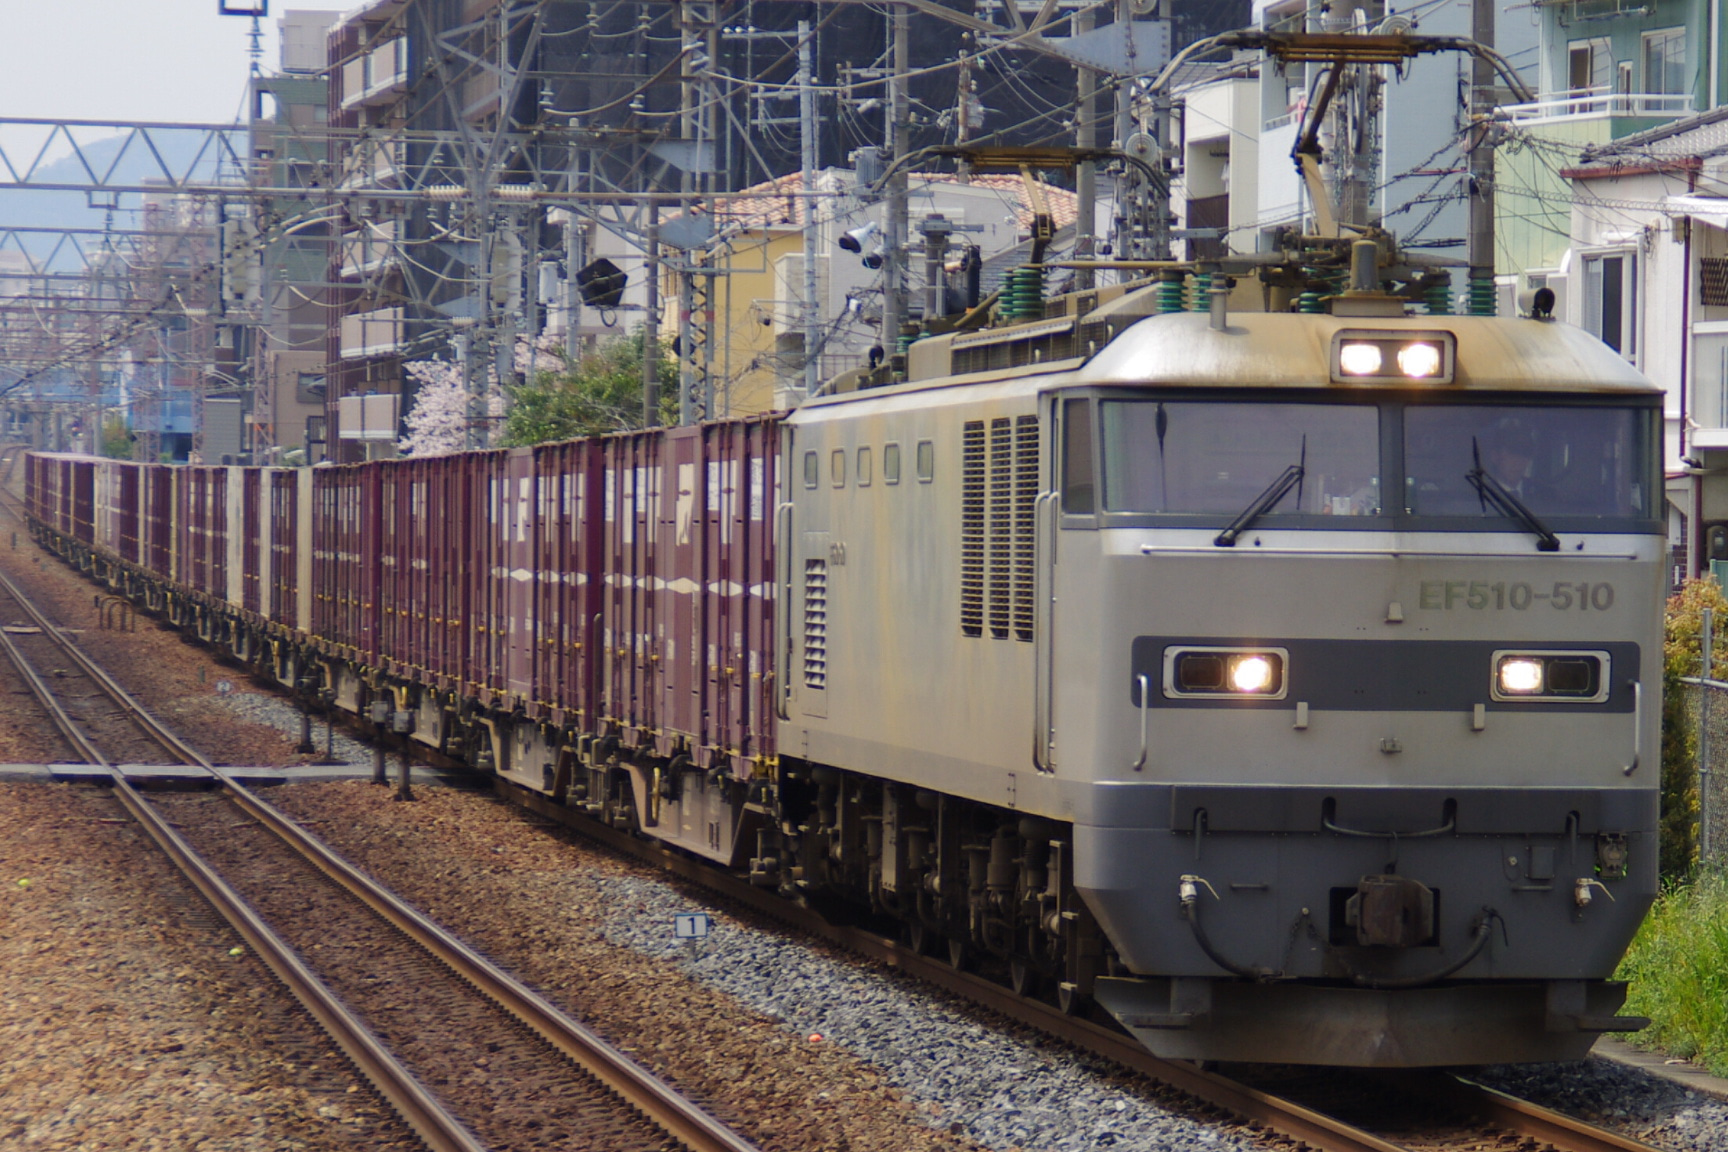 ふなたんのブログ2017年4月15日(土)JR貨物・JR 西日本撮影